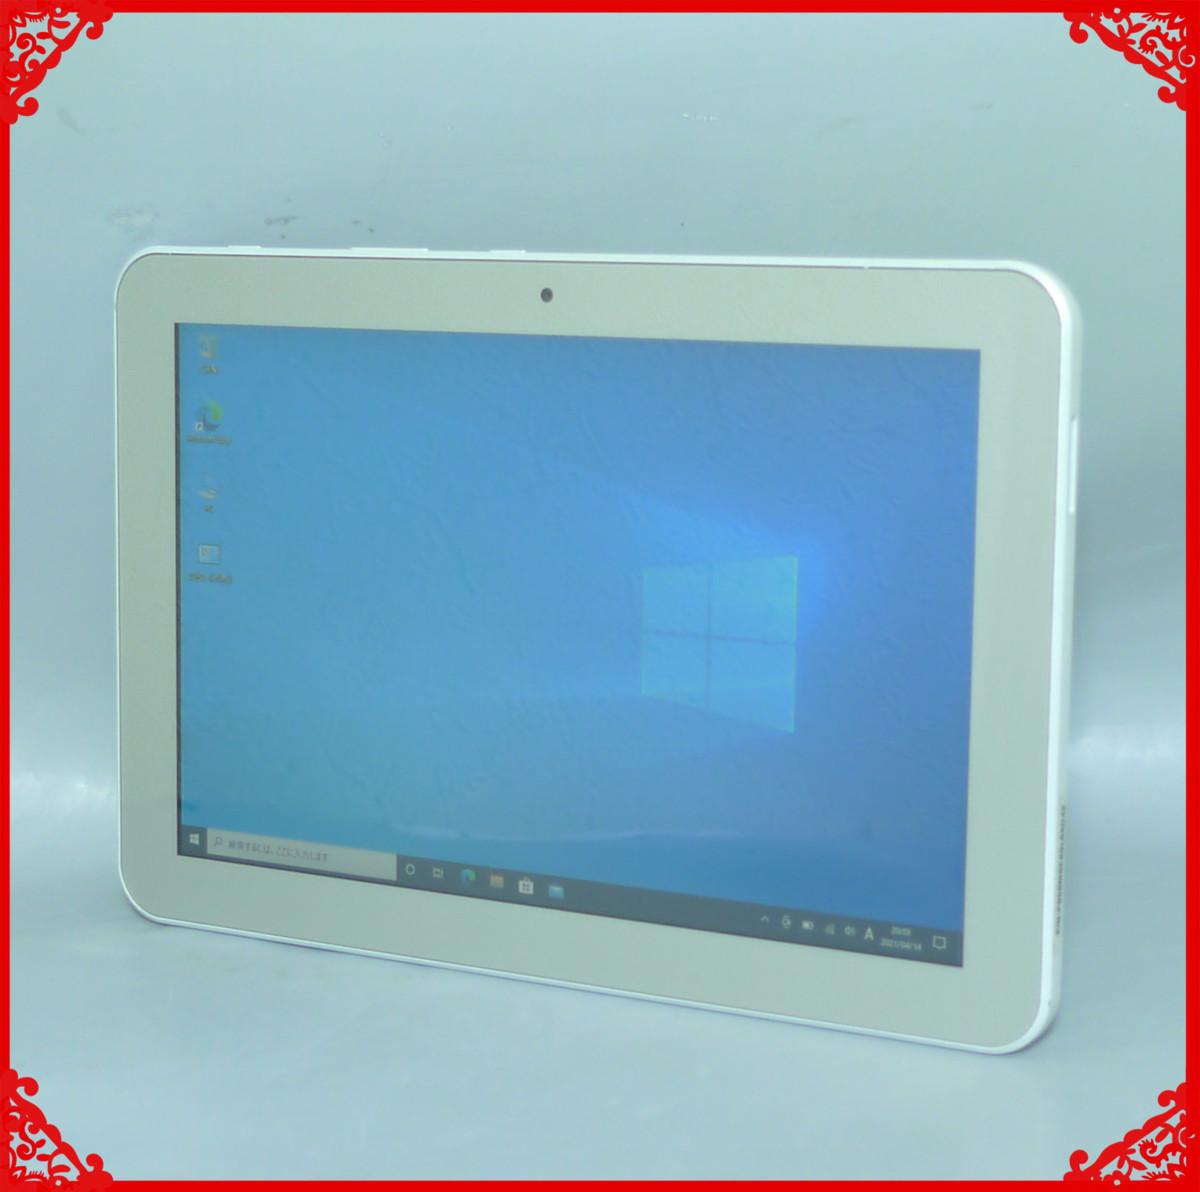 1円~ 高性能 10型 東芝 中古タブレット 動作良品 S50 WT10-A Atom 2GB SSD-64G 無線LAN Wi-Fi webカメラ Bluetooth Win10 Office 即使用可